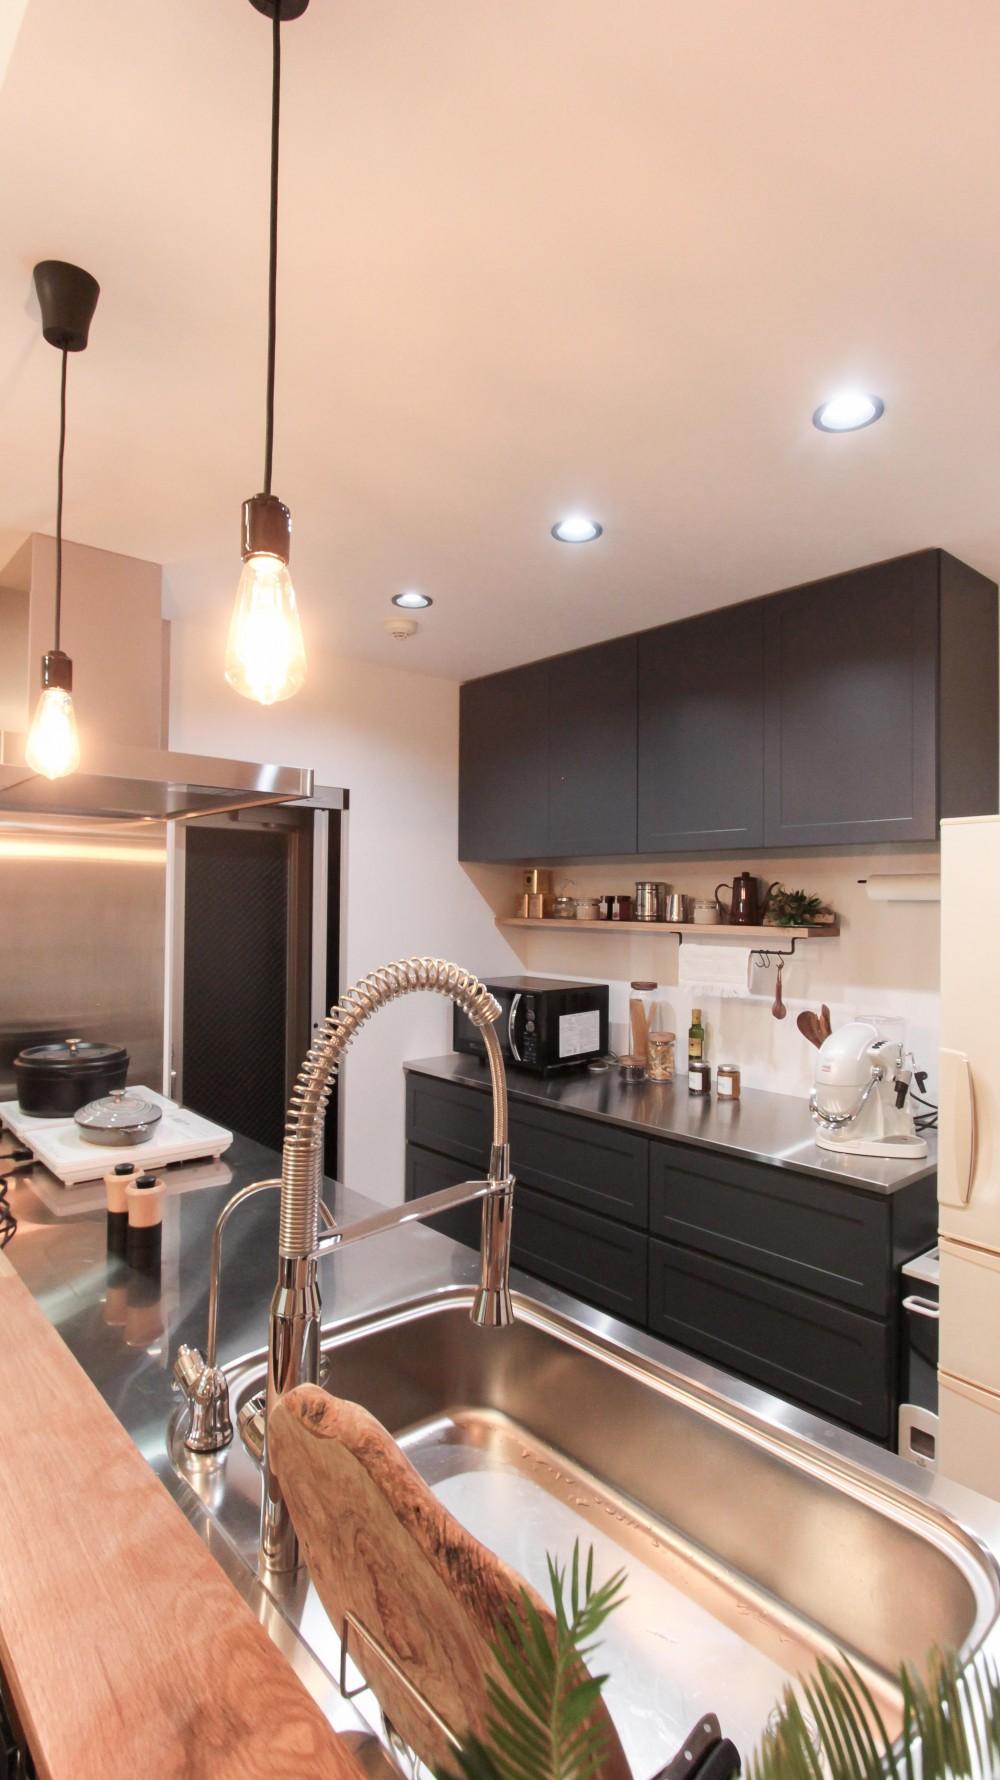 変えたのはキッチンだけ!LDKが大きく変わったリノベーション (キッチン周りのコーディネート)